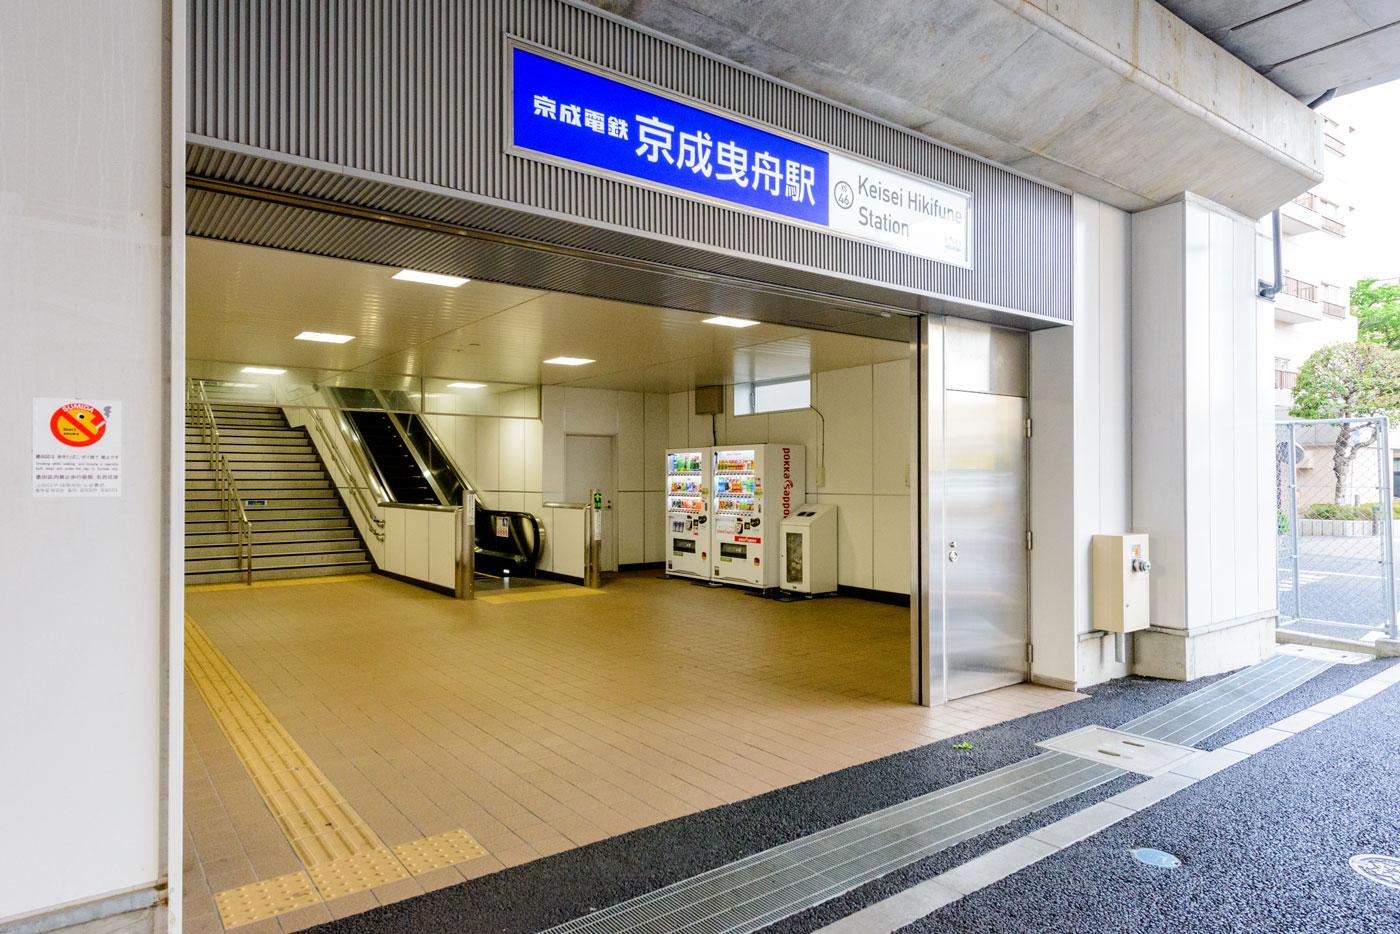 「京成曳舟」駅(文化センター方面)